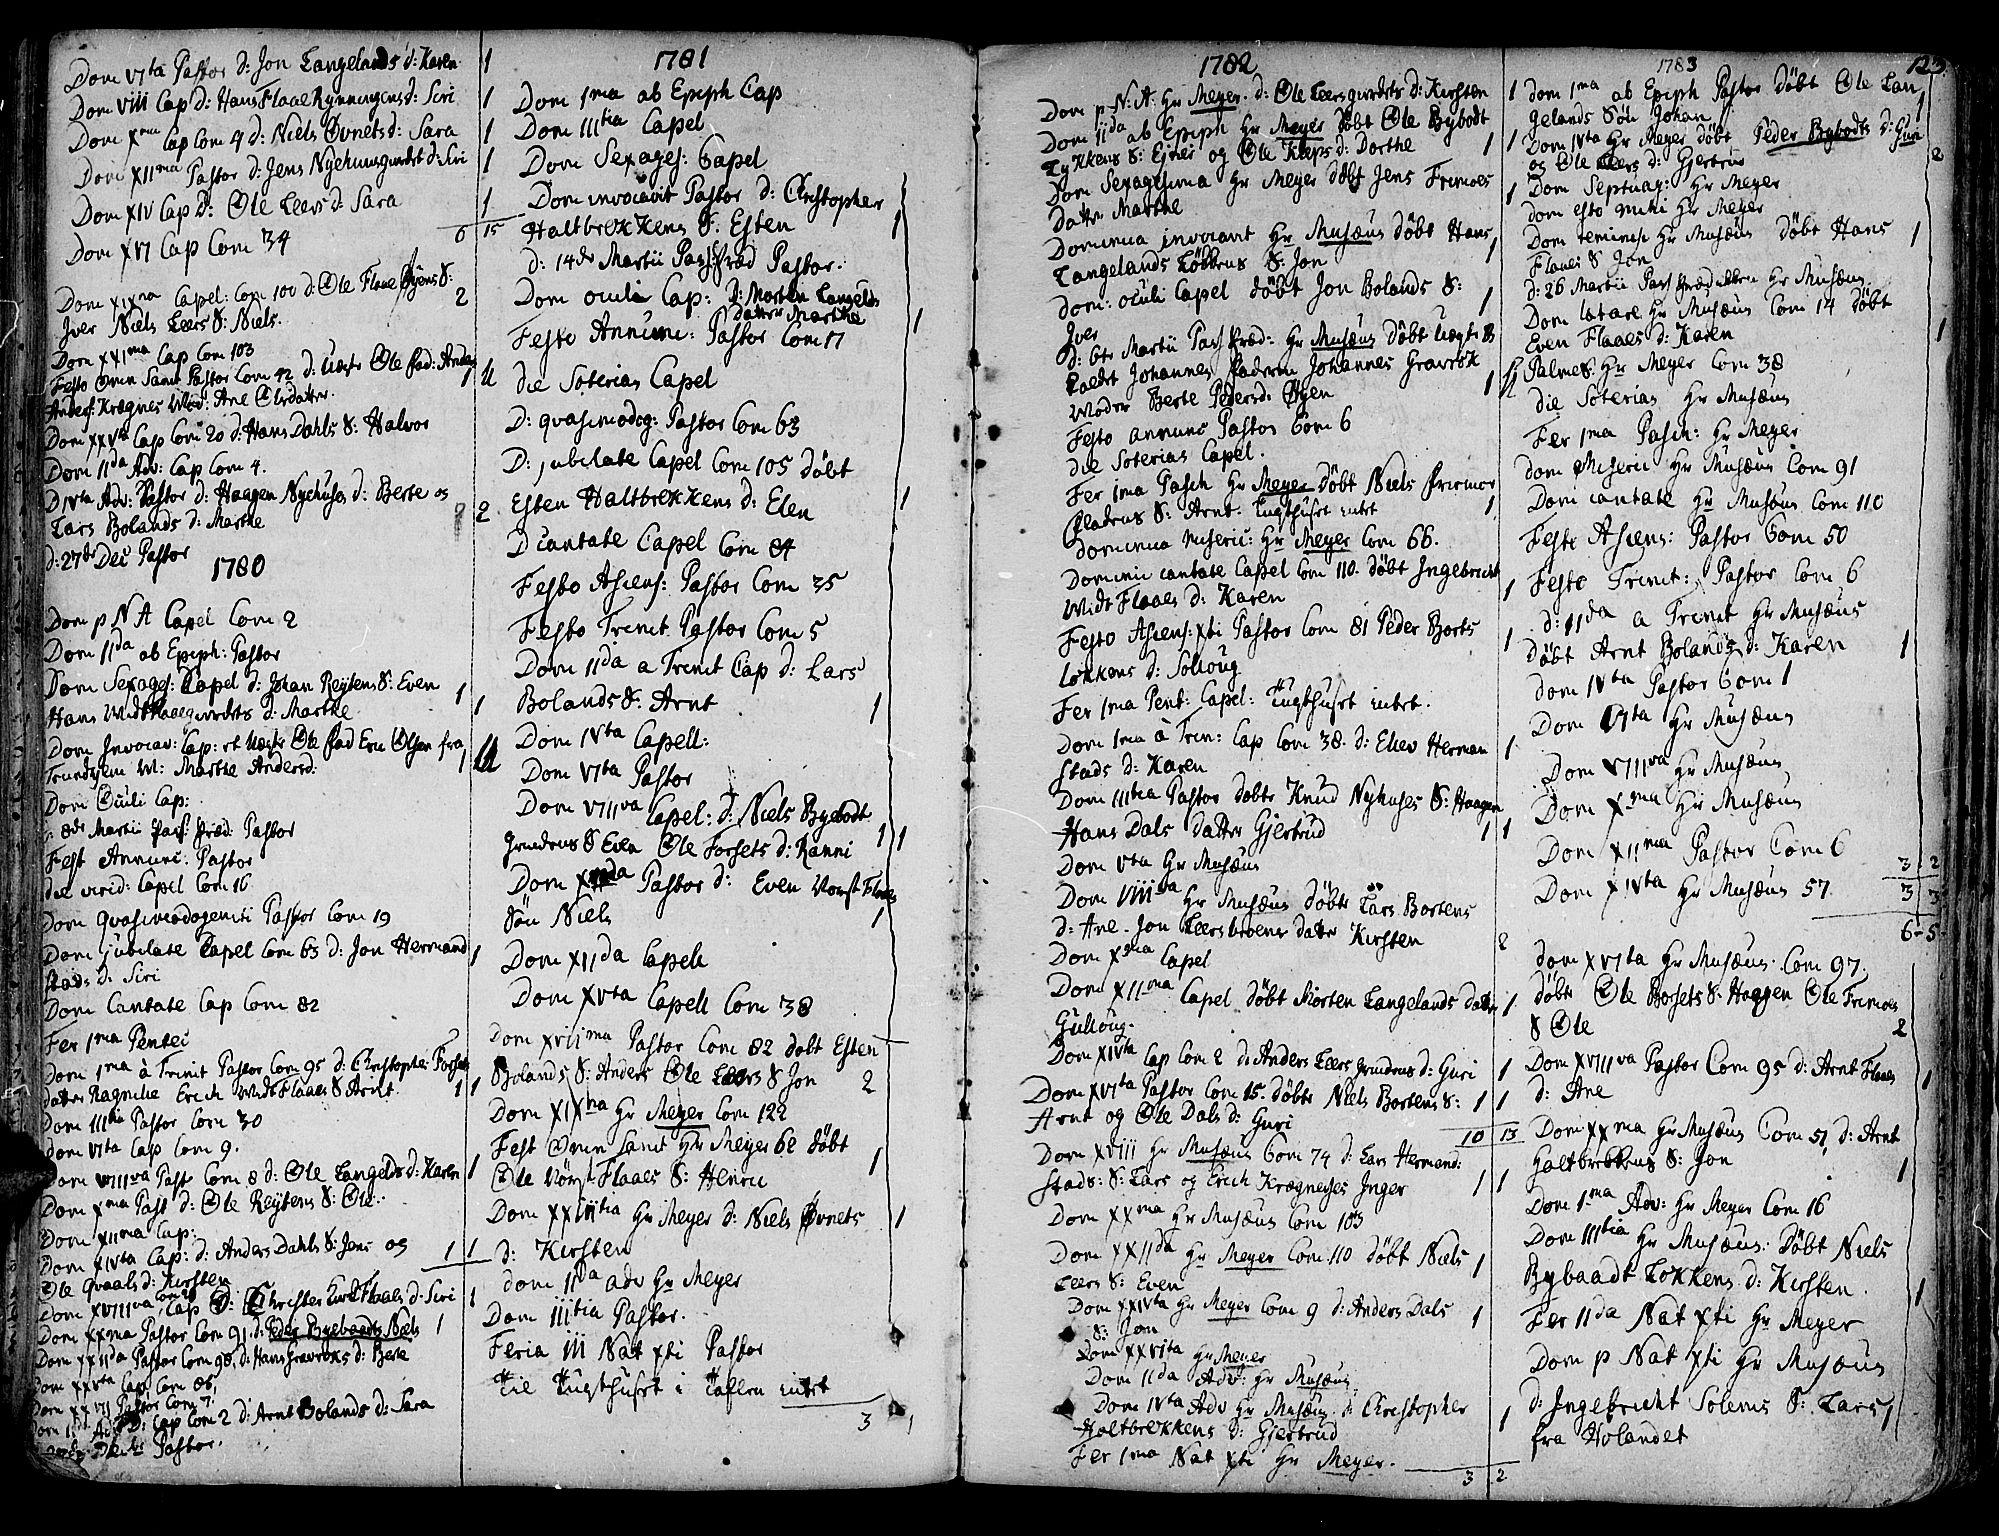 SAT, Ministerialprotokoller, klokkerbøker og fødselsregistre - Sør-Trøndelag, 691/L1062: Ministerialbok nr. 691A02 /2, 1768-1815, s. 123